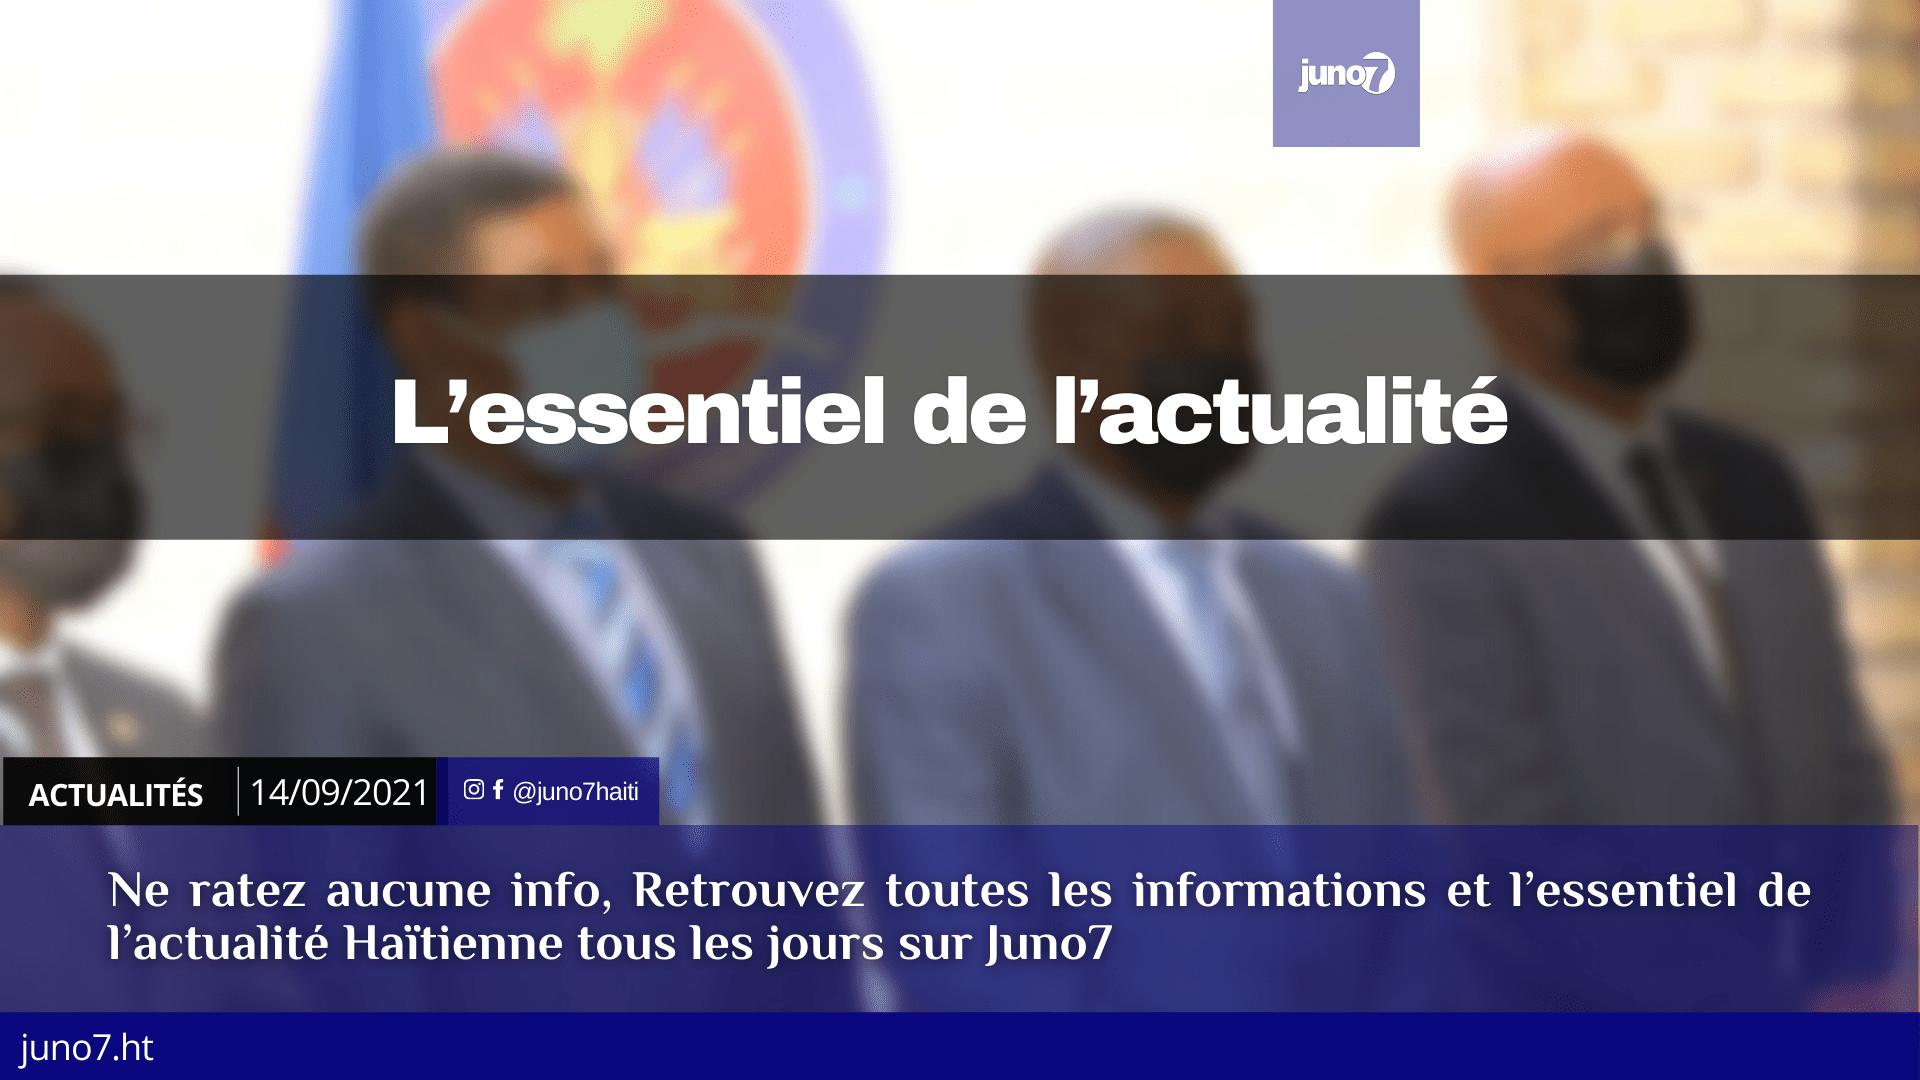 Haïti: l'essentiel de l'actualité du mardi 14 septembre 2021